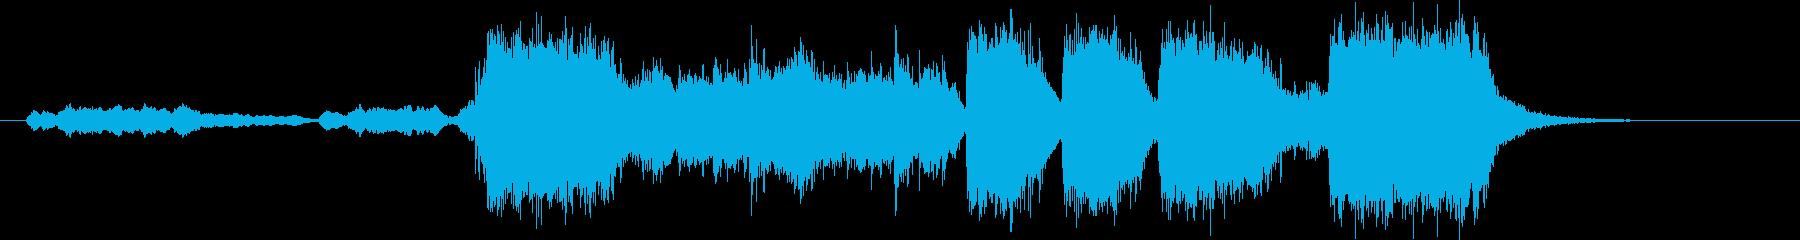 ファンファーレですの再生済みの波形